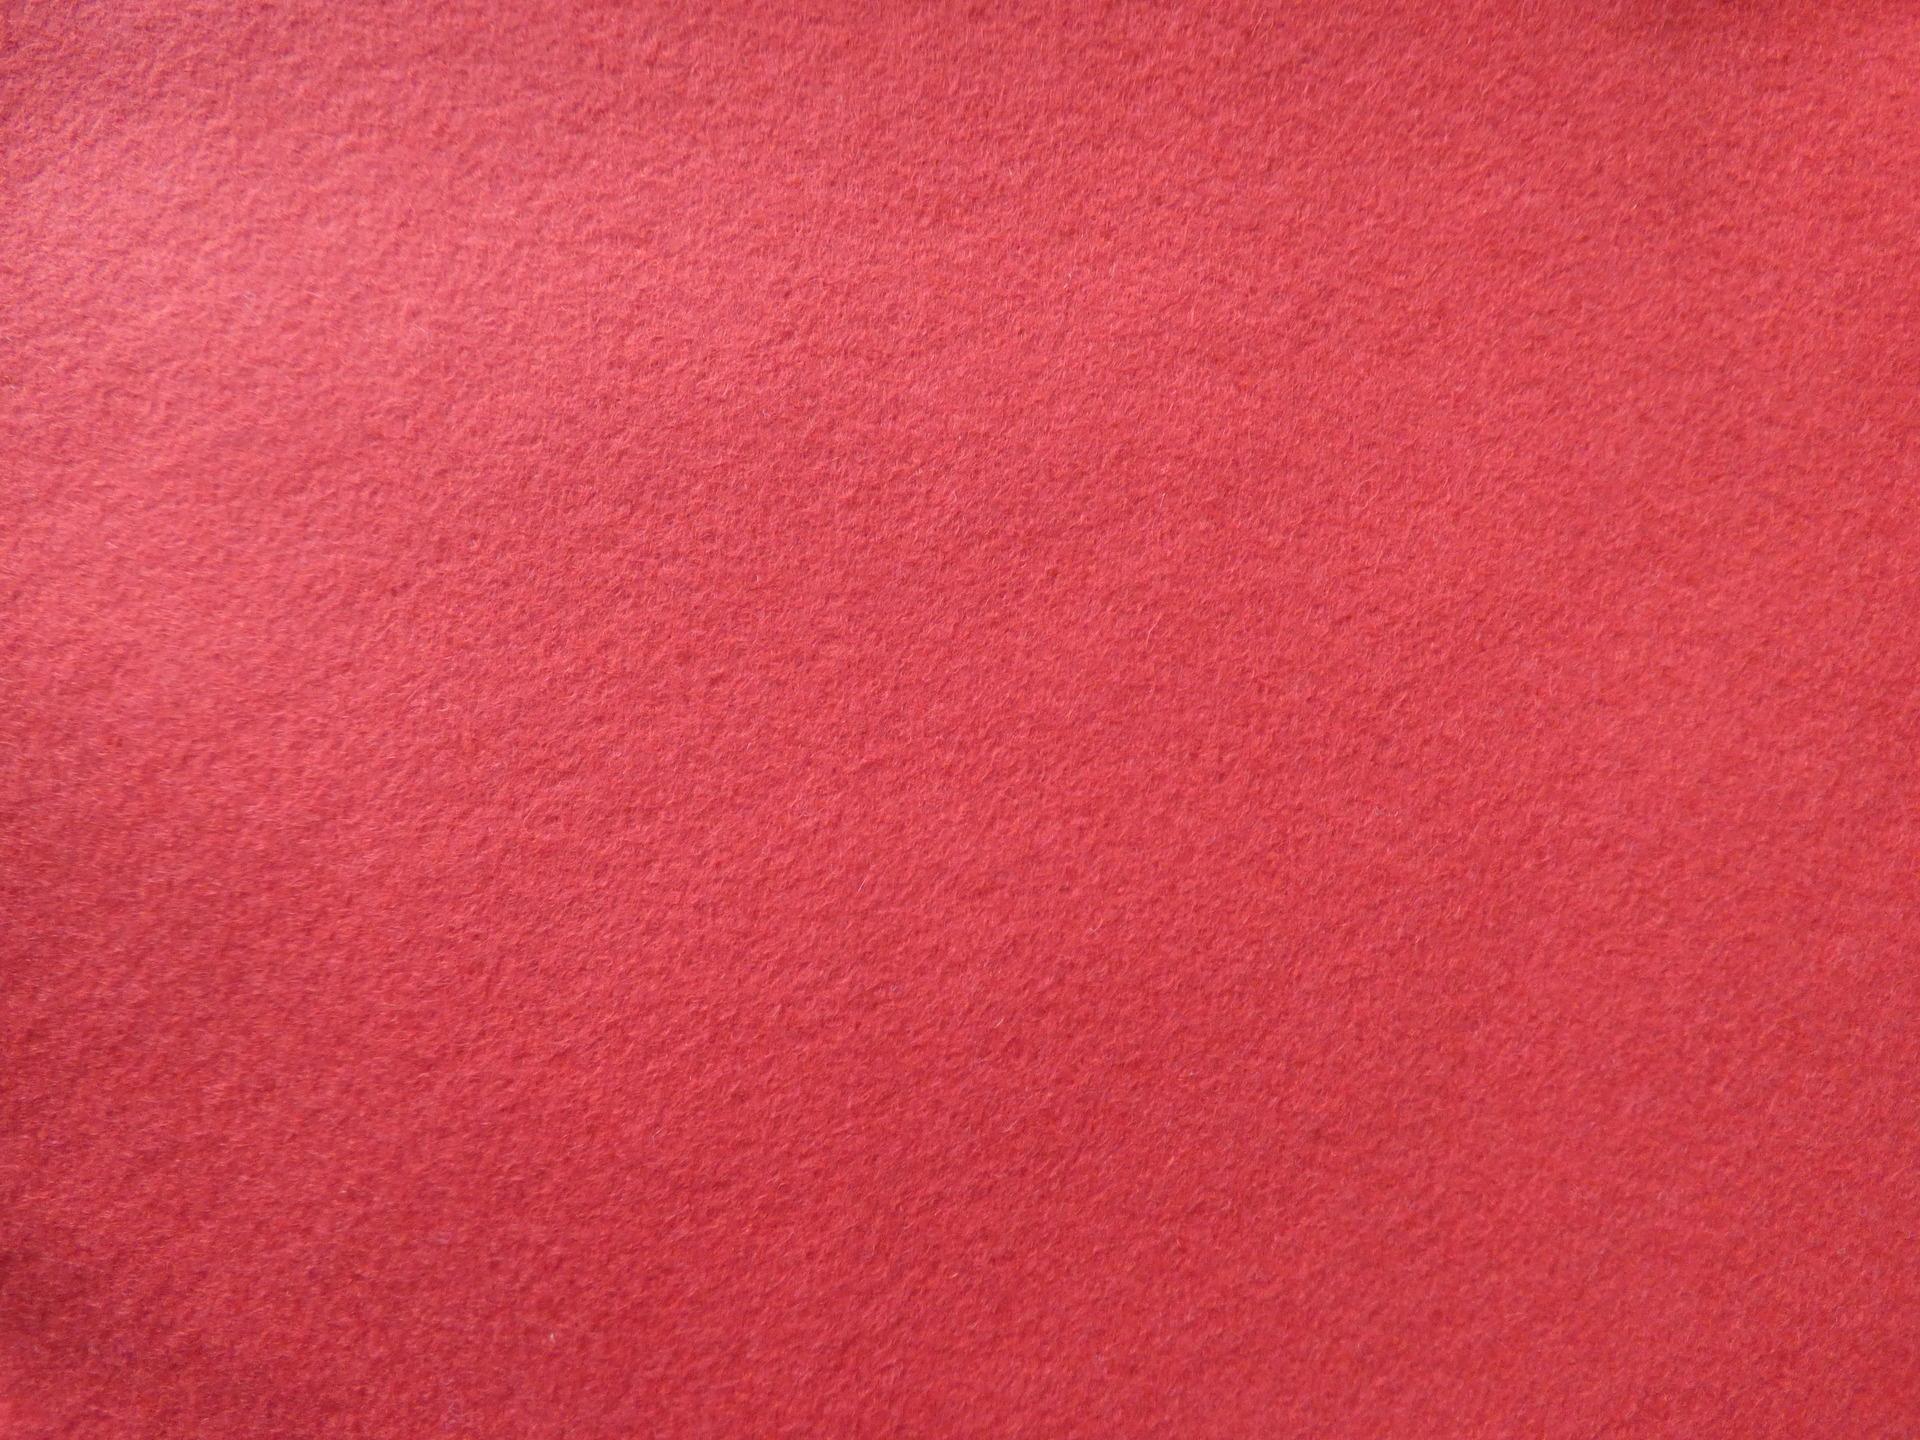 Feutrine Cinnamon de couleur fraise  30cm*45cm 1052010020